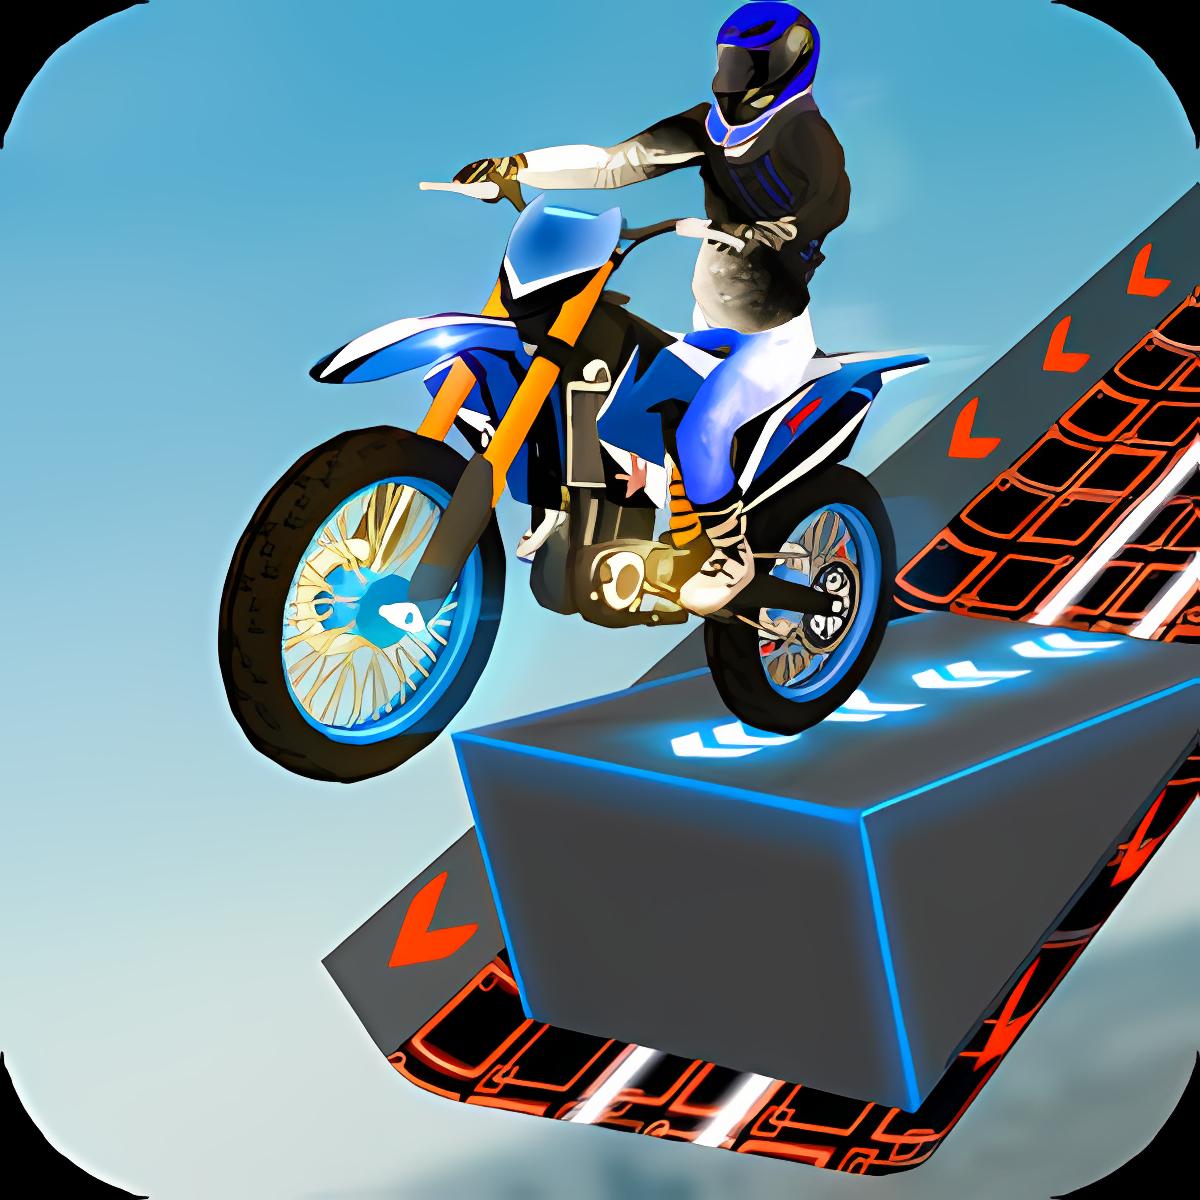 Bike Stunt Top Racer 1.0